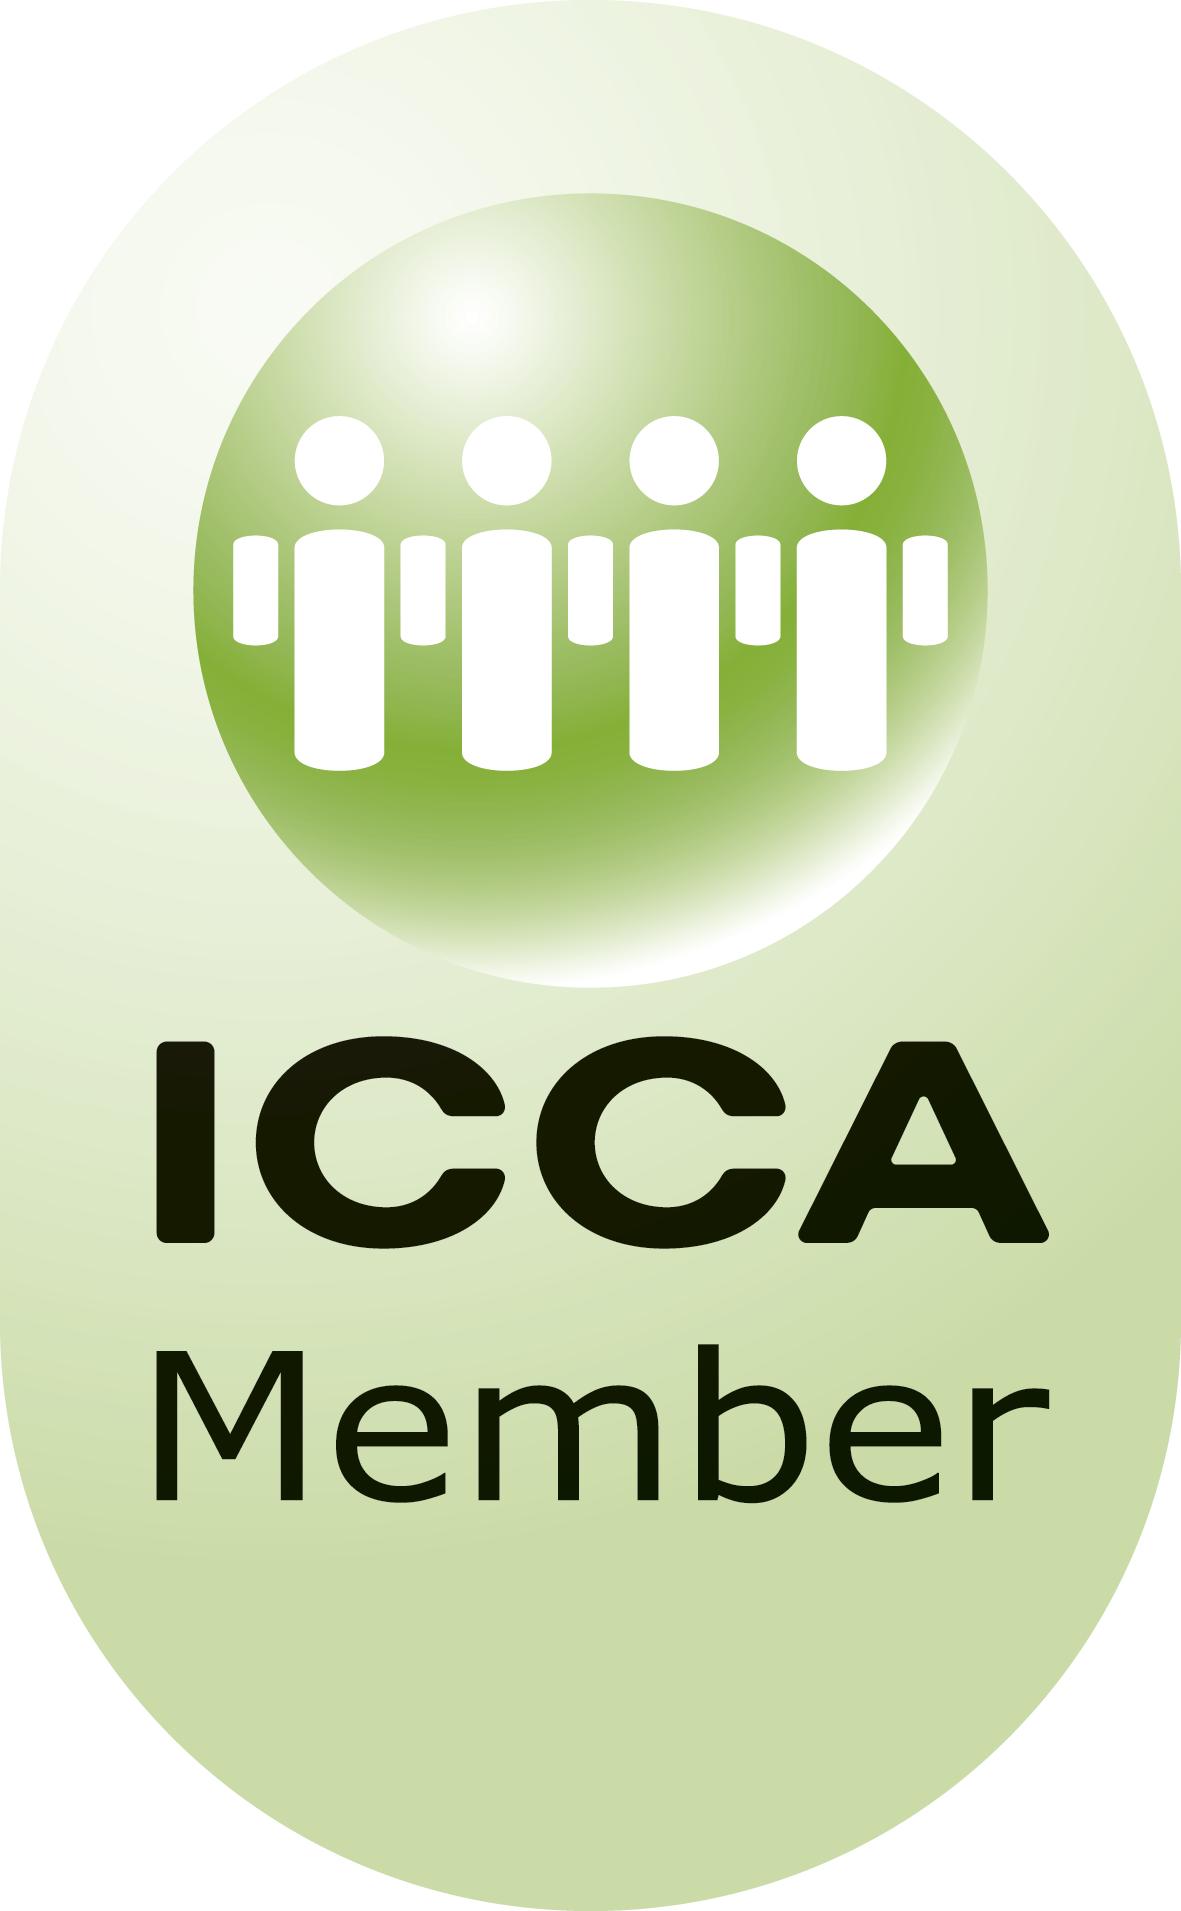 Miembro de ICCA